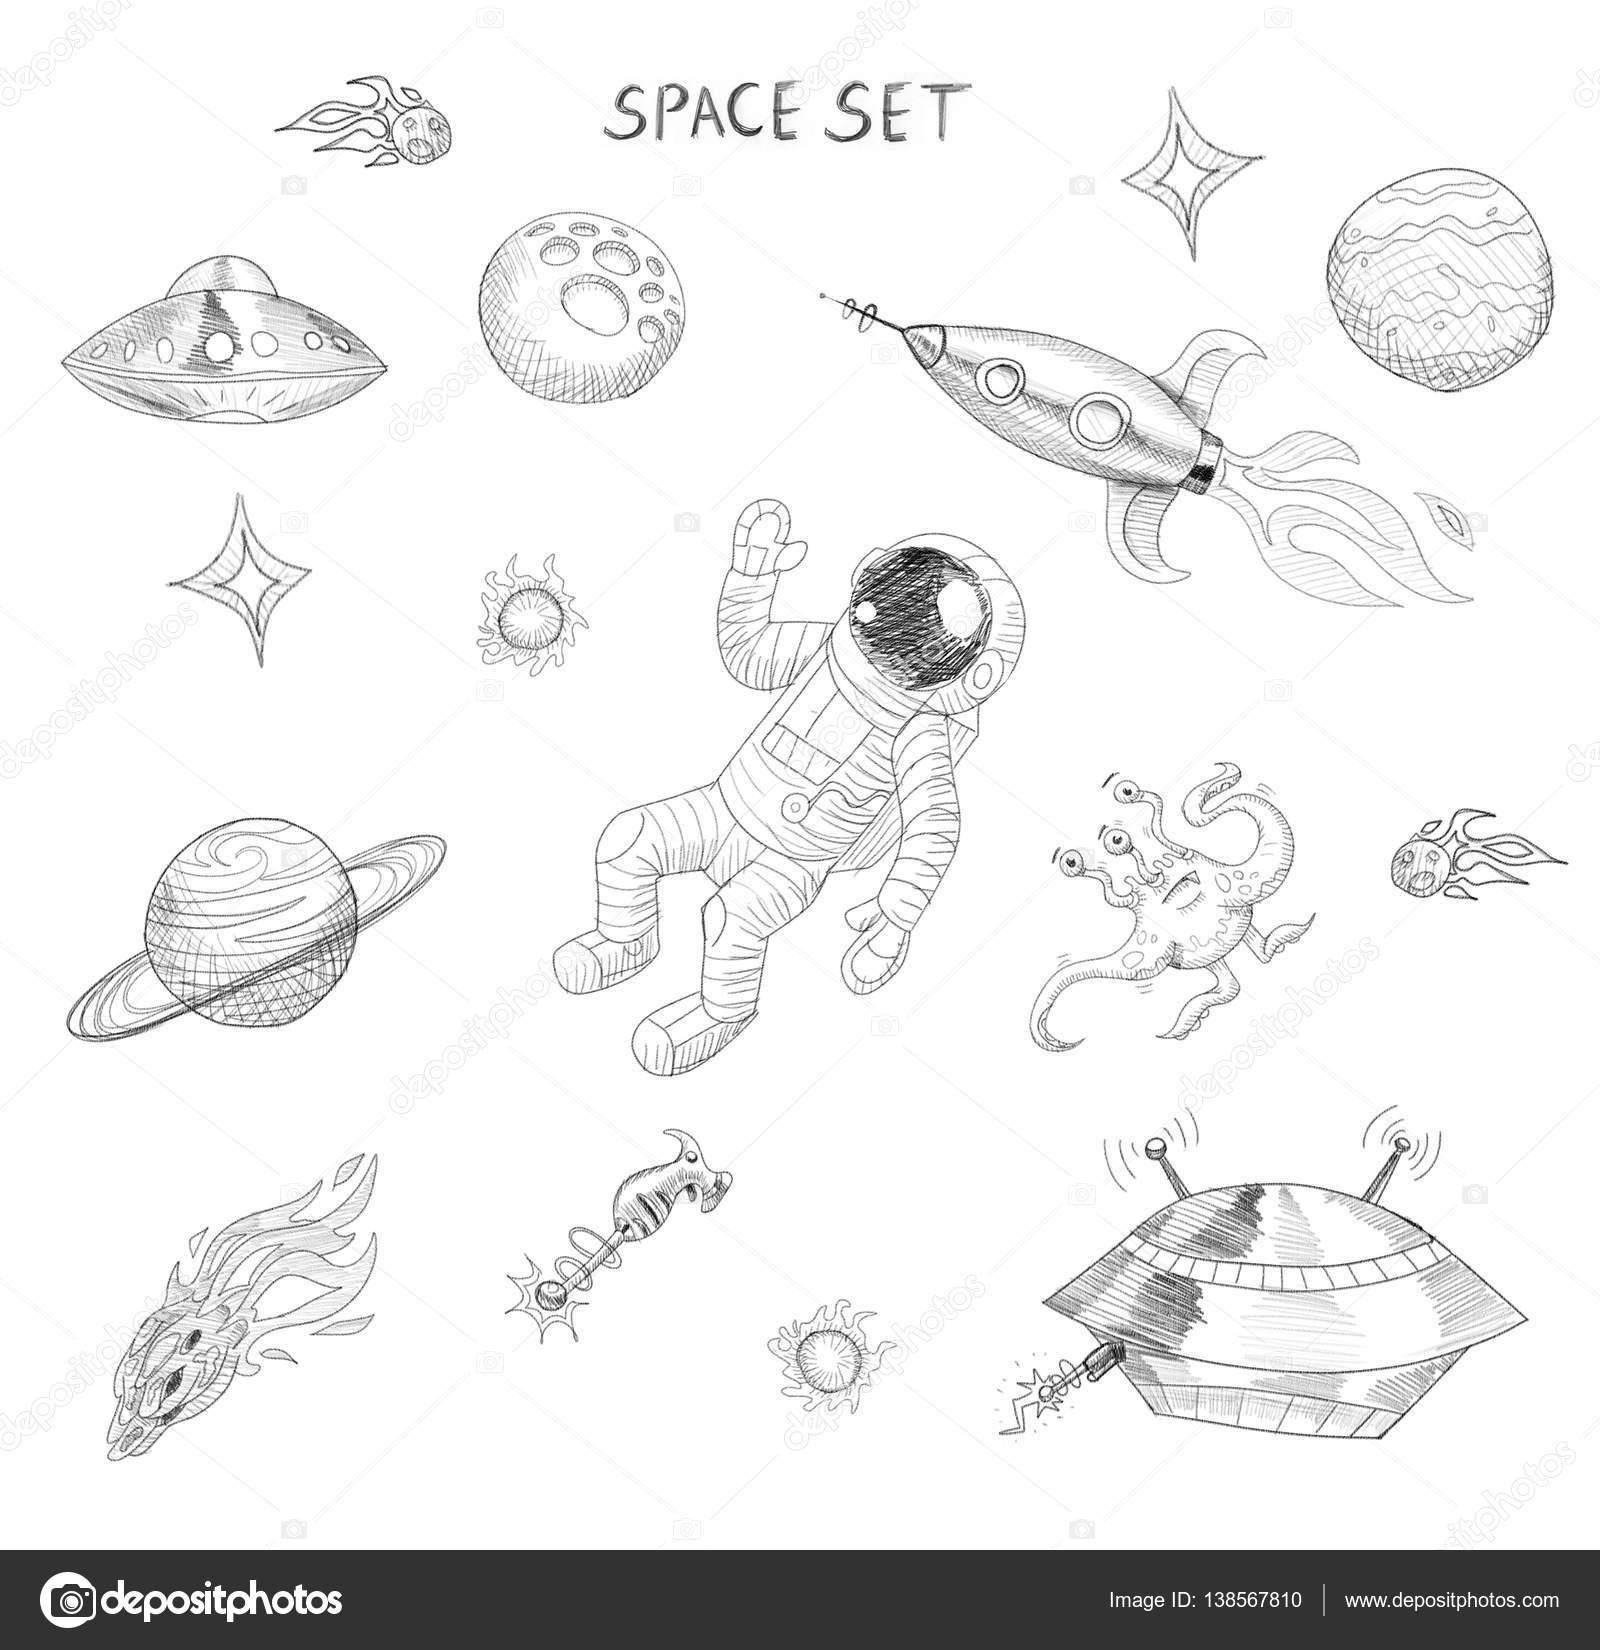 Tekening Van Ruimtevoorwerpen Astronaut Alien Ufo